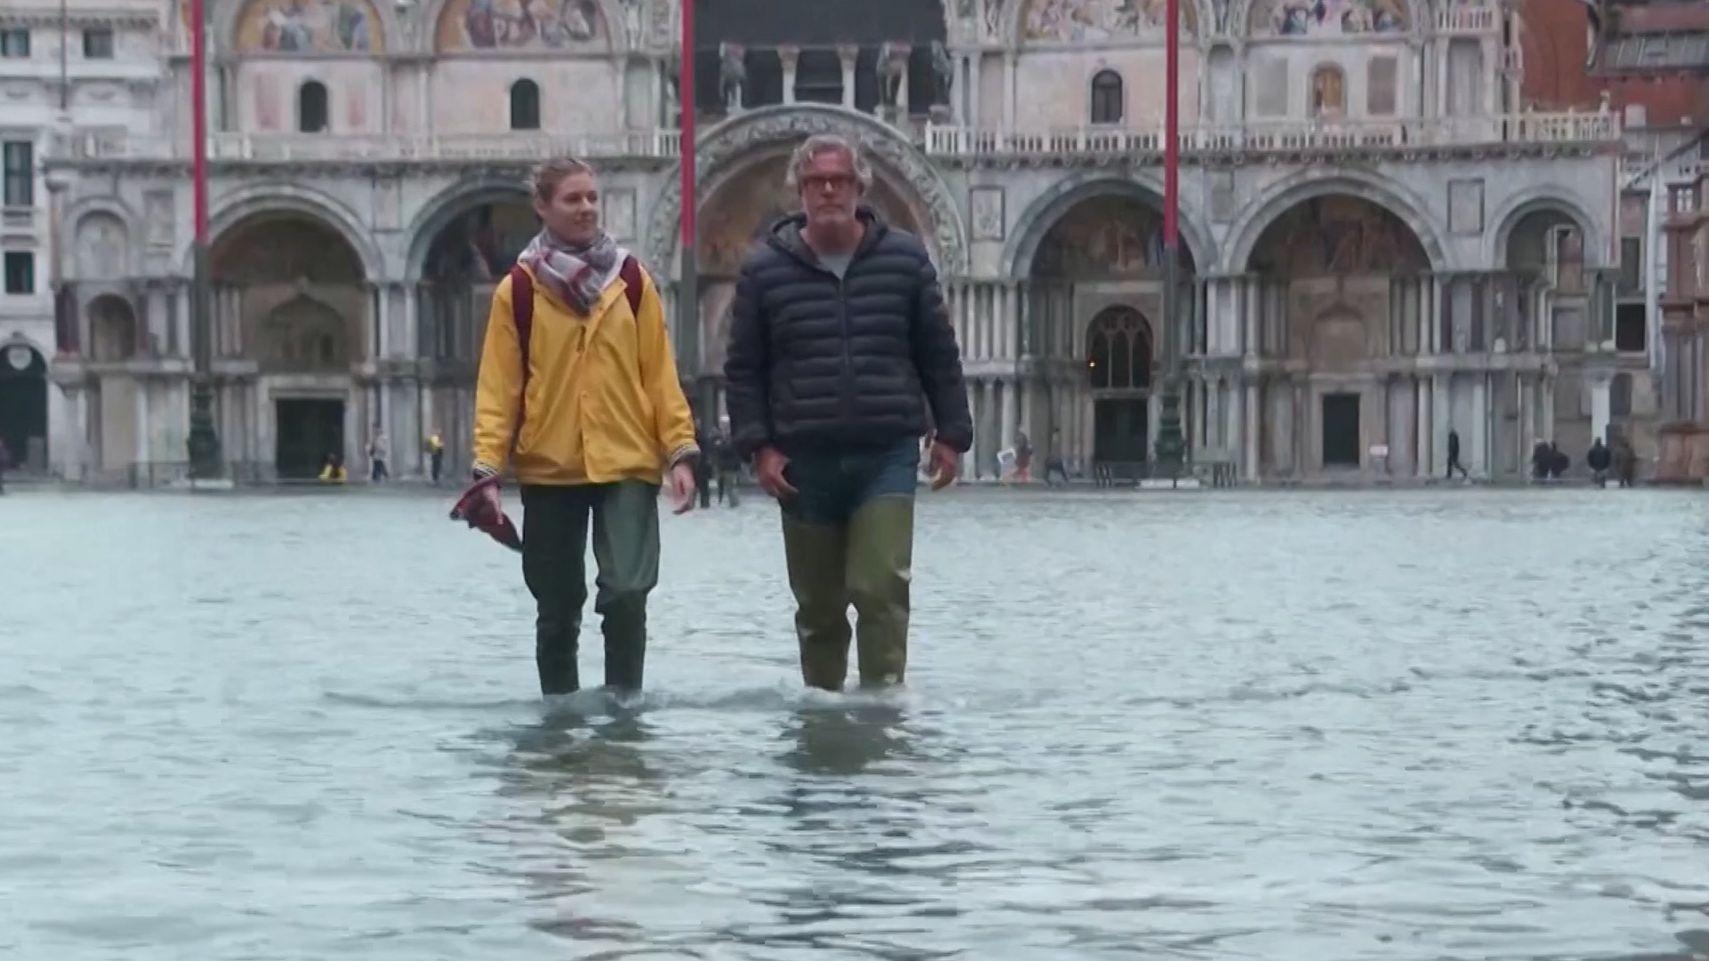 Die Hochwasserlage in Venedig entspannt sich langsam